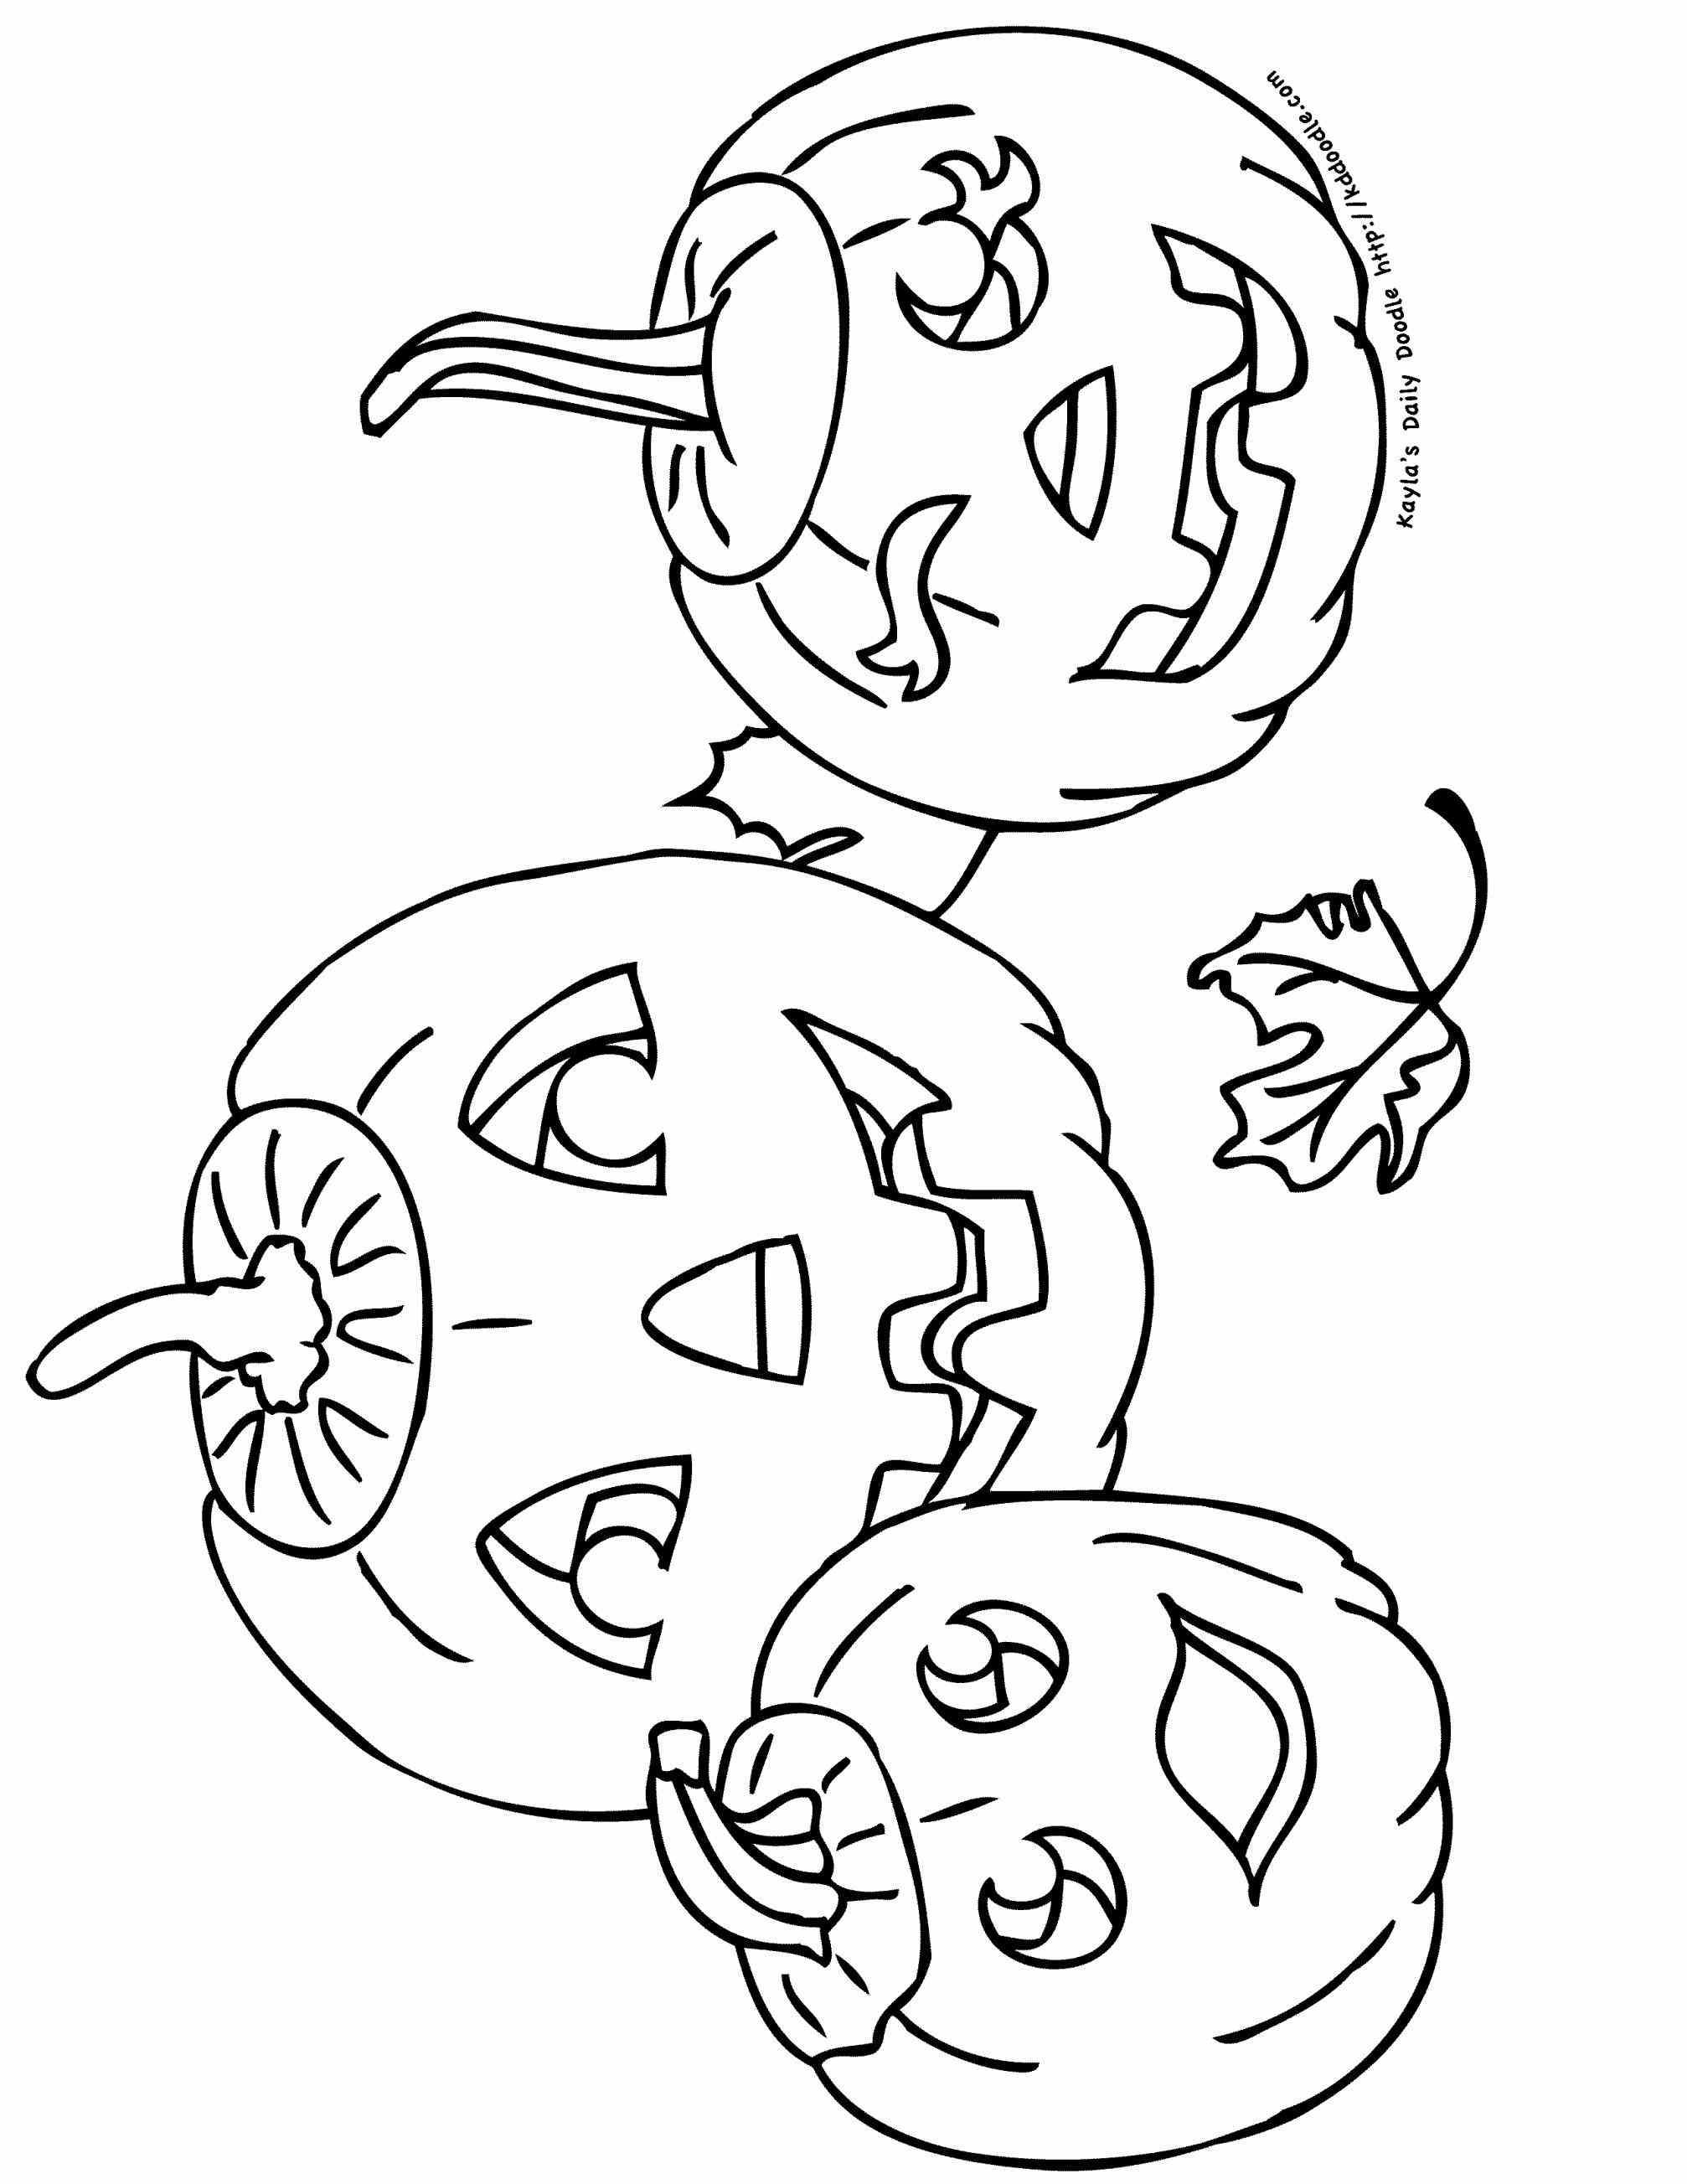 Jack O Lanterns Drawing At Getdrawings